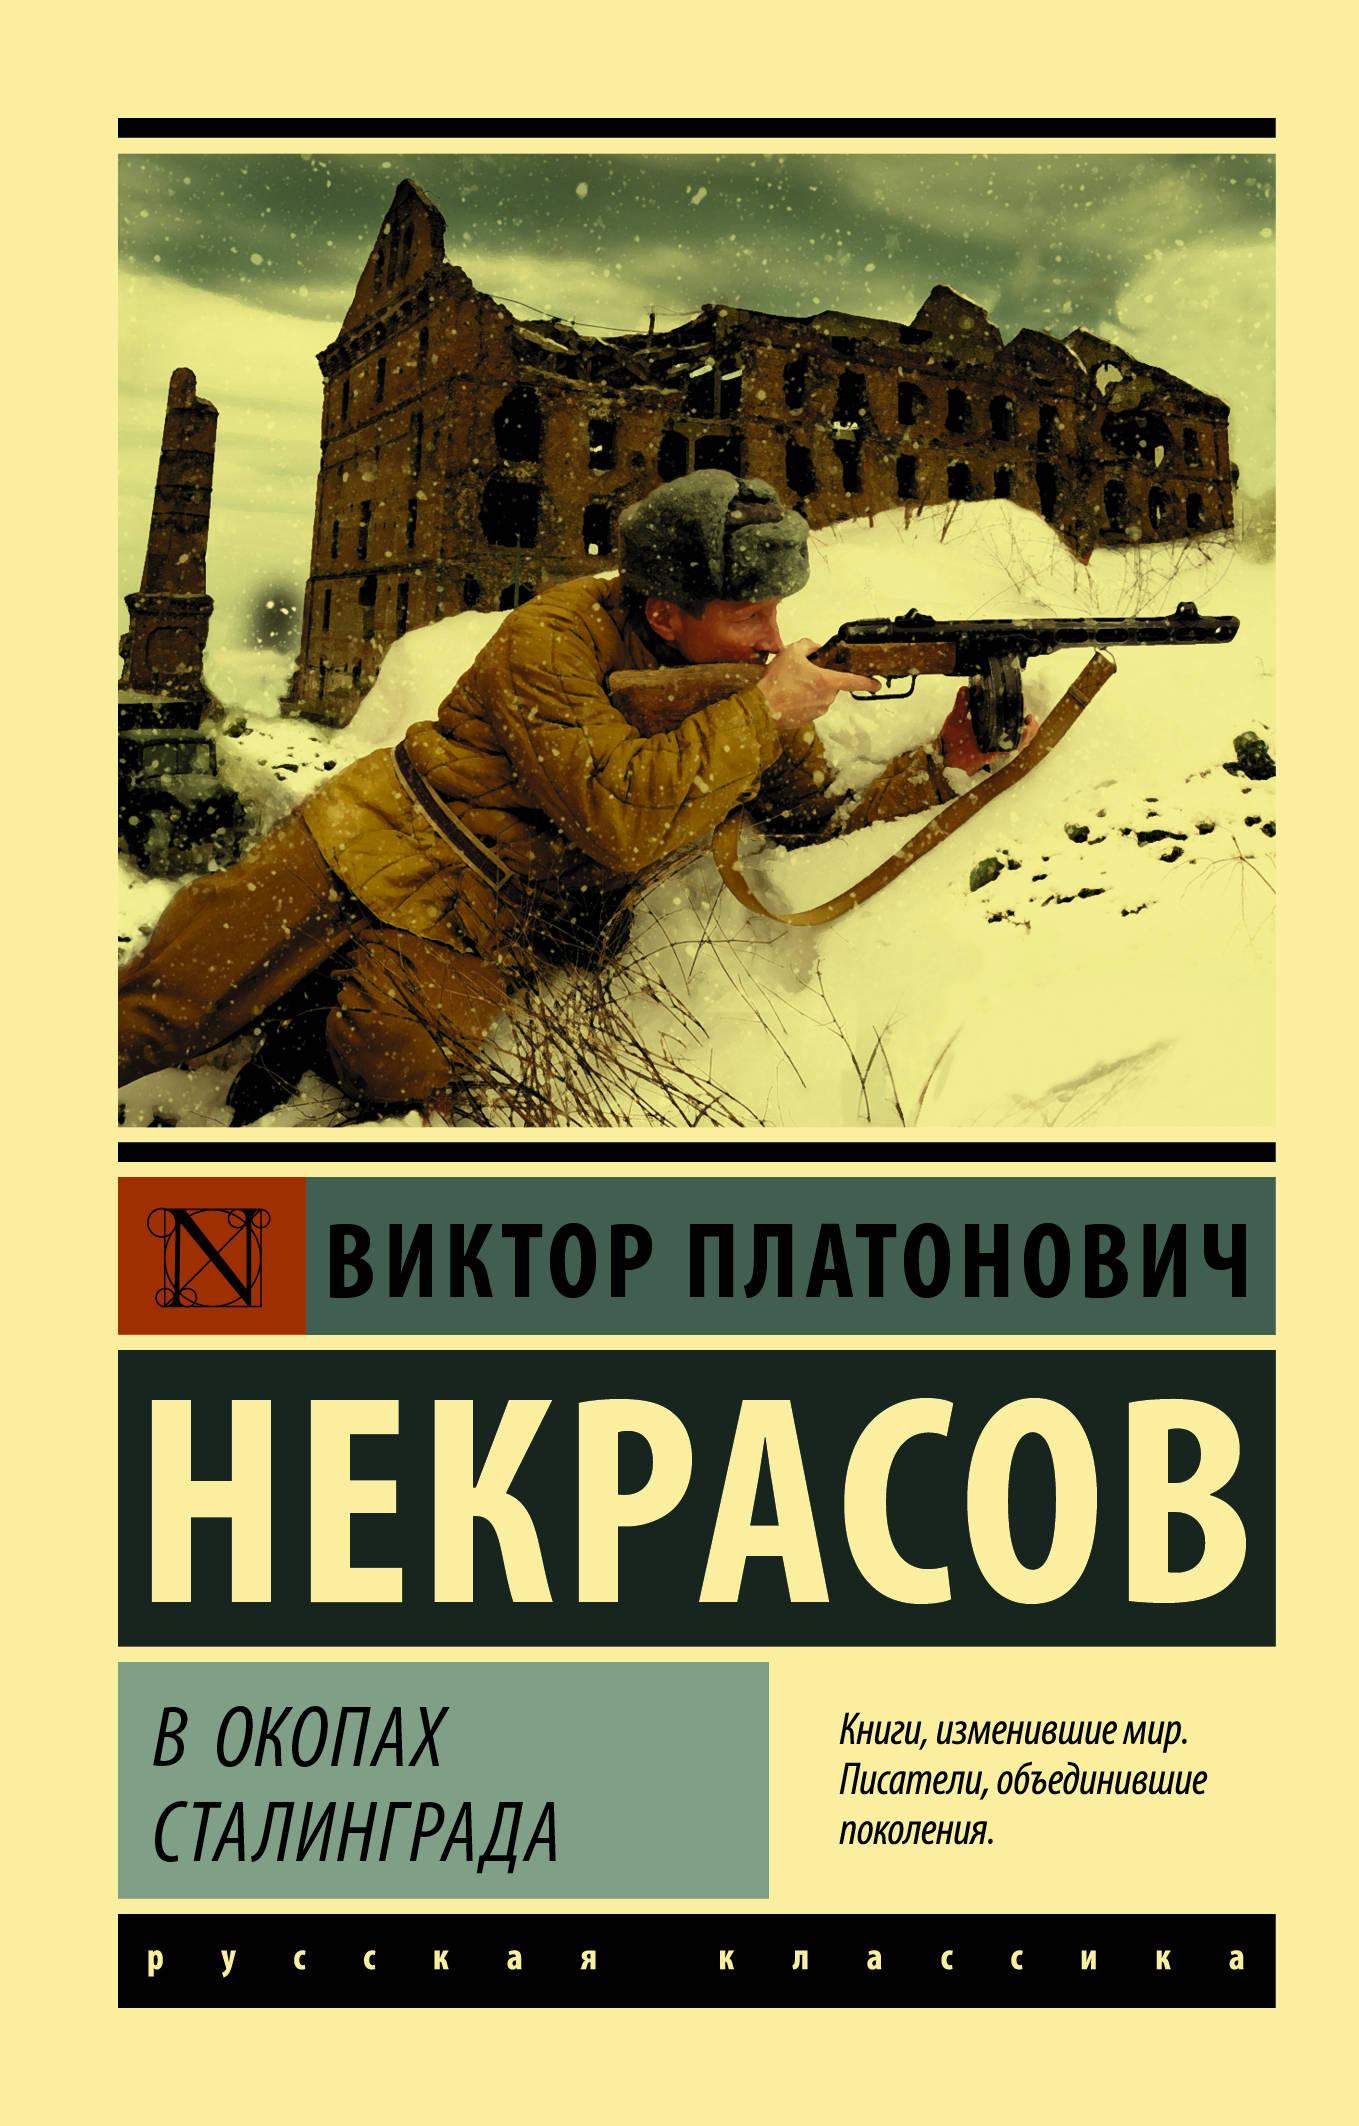 Виктор Платонович Некрасов В окопах Сталинграда анташкевич е в окопах 1916 год хроника одного полка